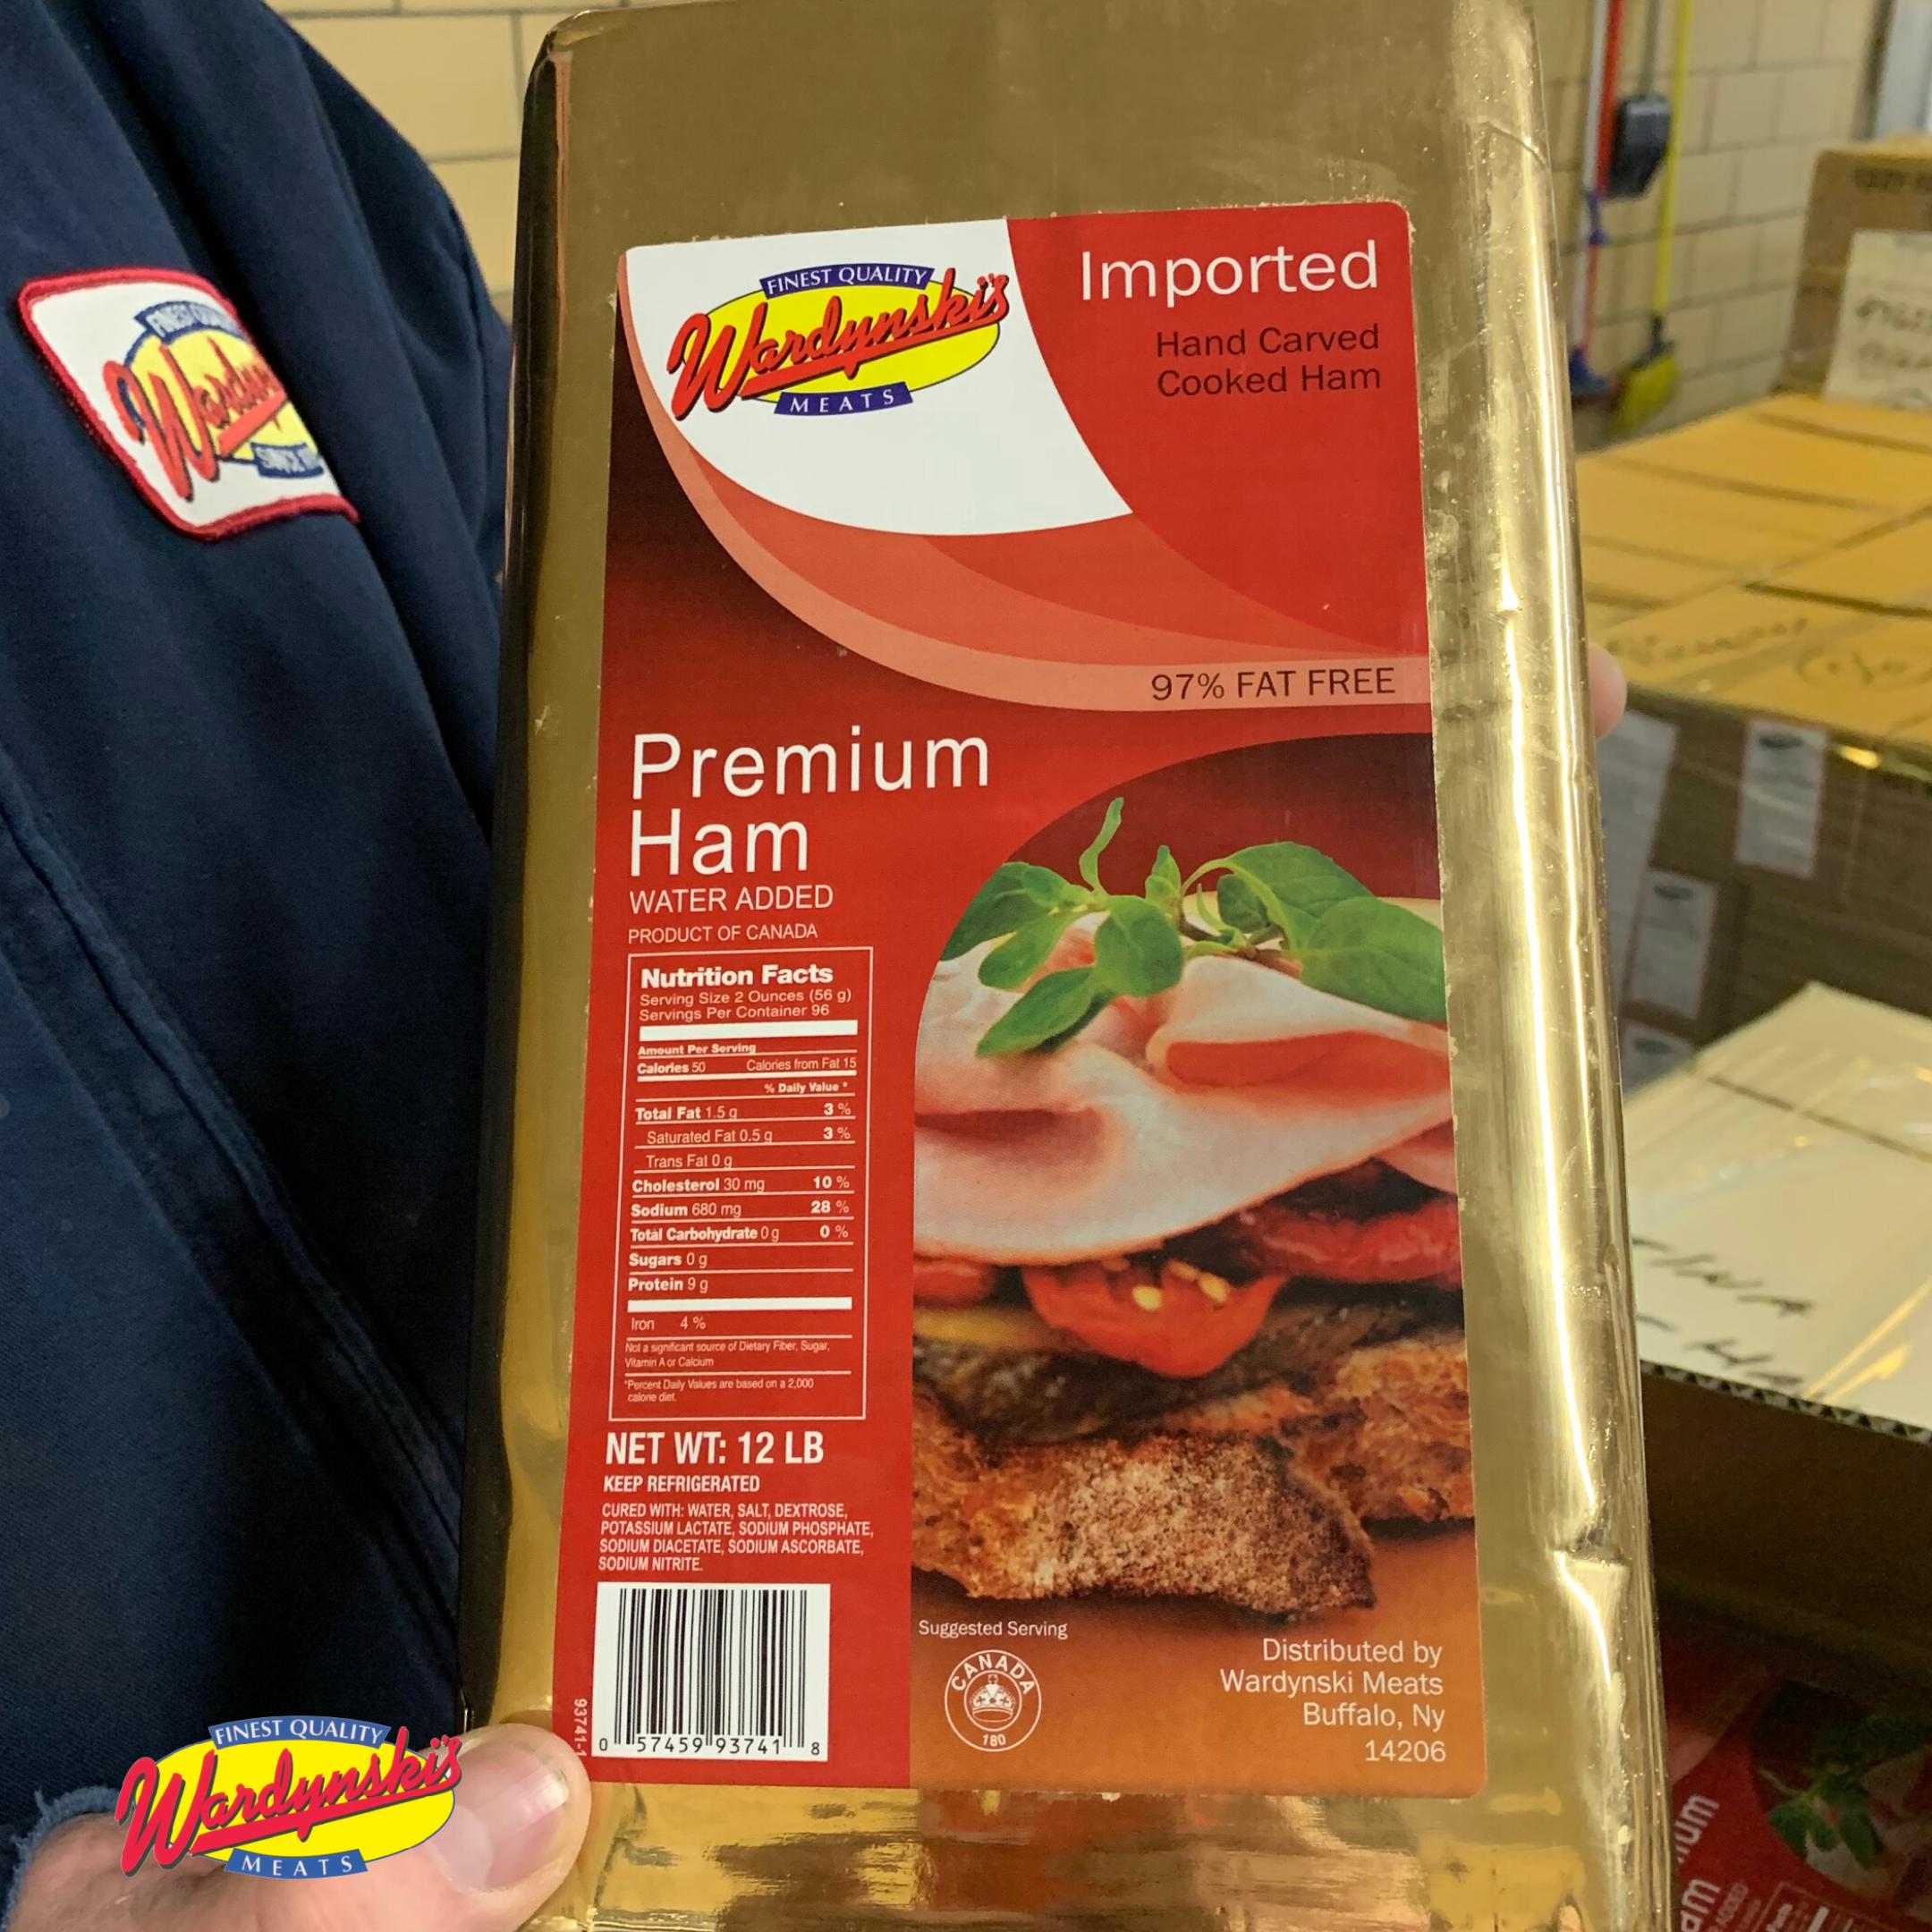 Wardynski Ham